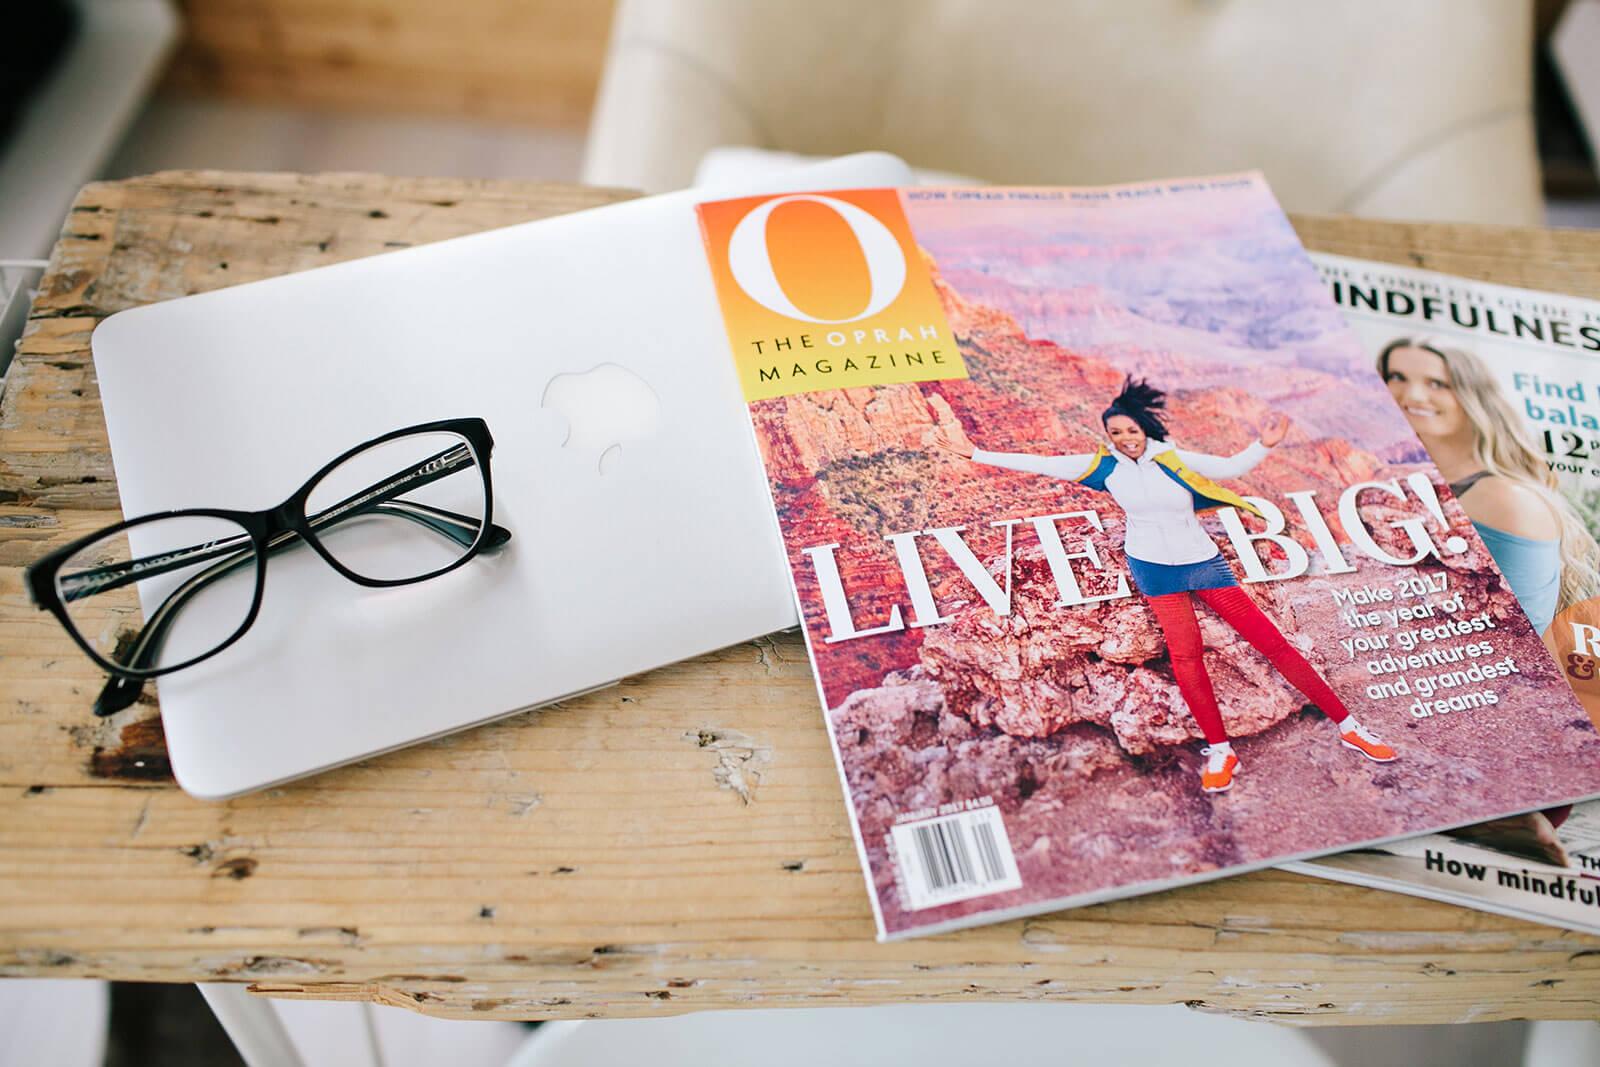 Revista Oprah, computador portátil e óculos sobre uma mesa de madeira.